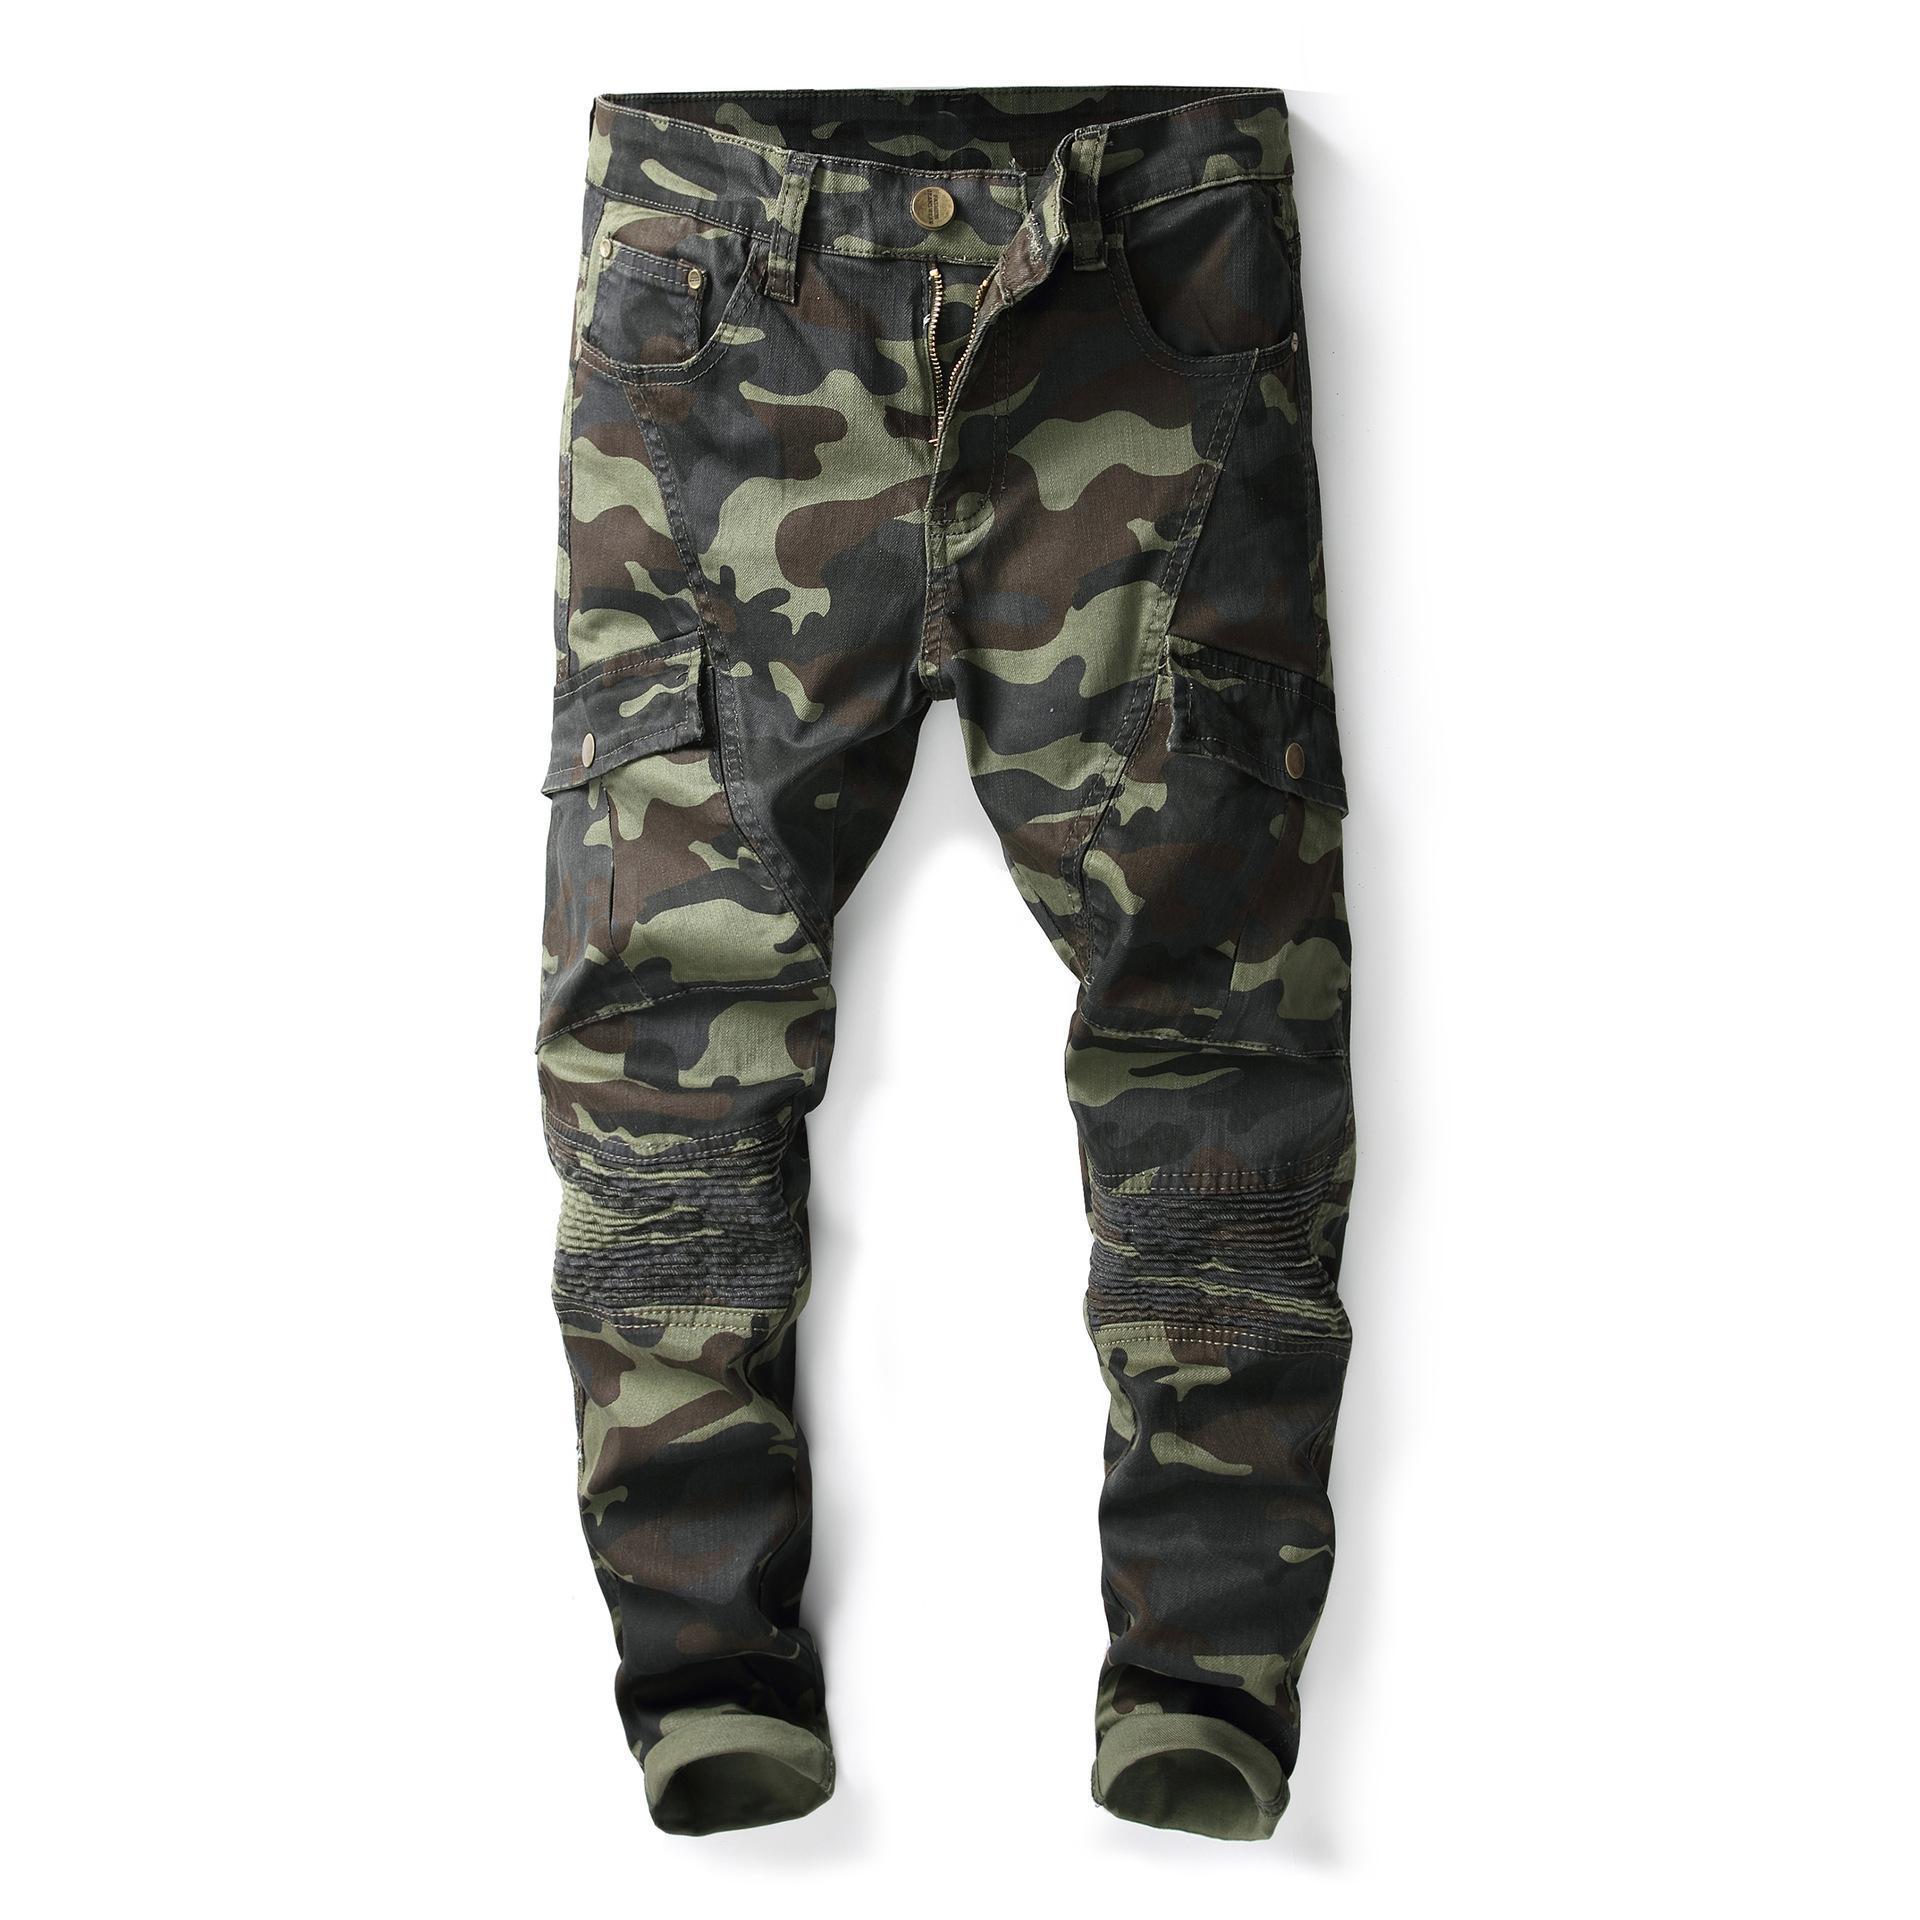 Hommes Camouflage Patchwork Jeans Denim Pantalons Crayon Pantalons Slim Poches multiples Salopette Hommes Mode Fit Jeans nouvelle mode